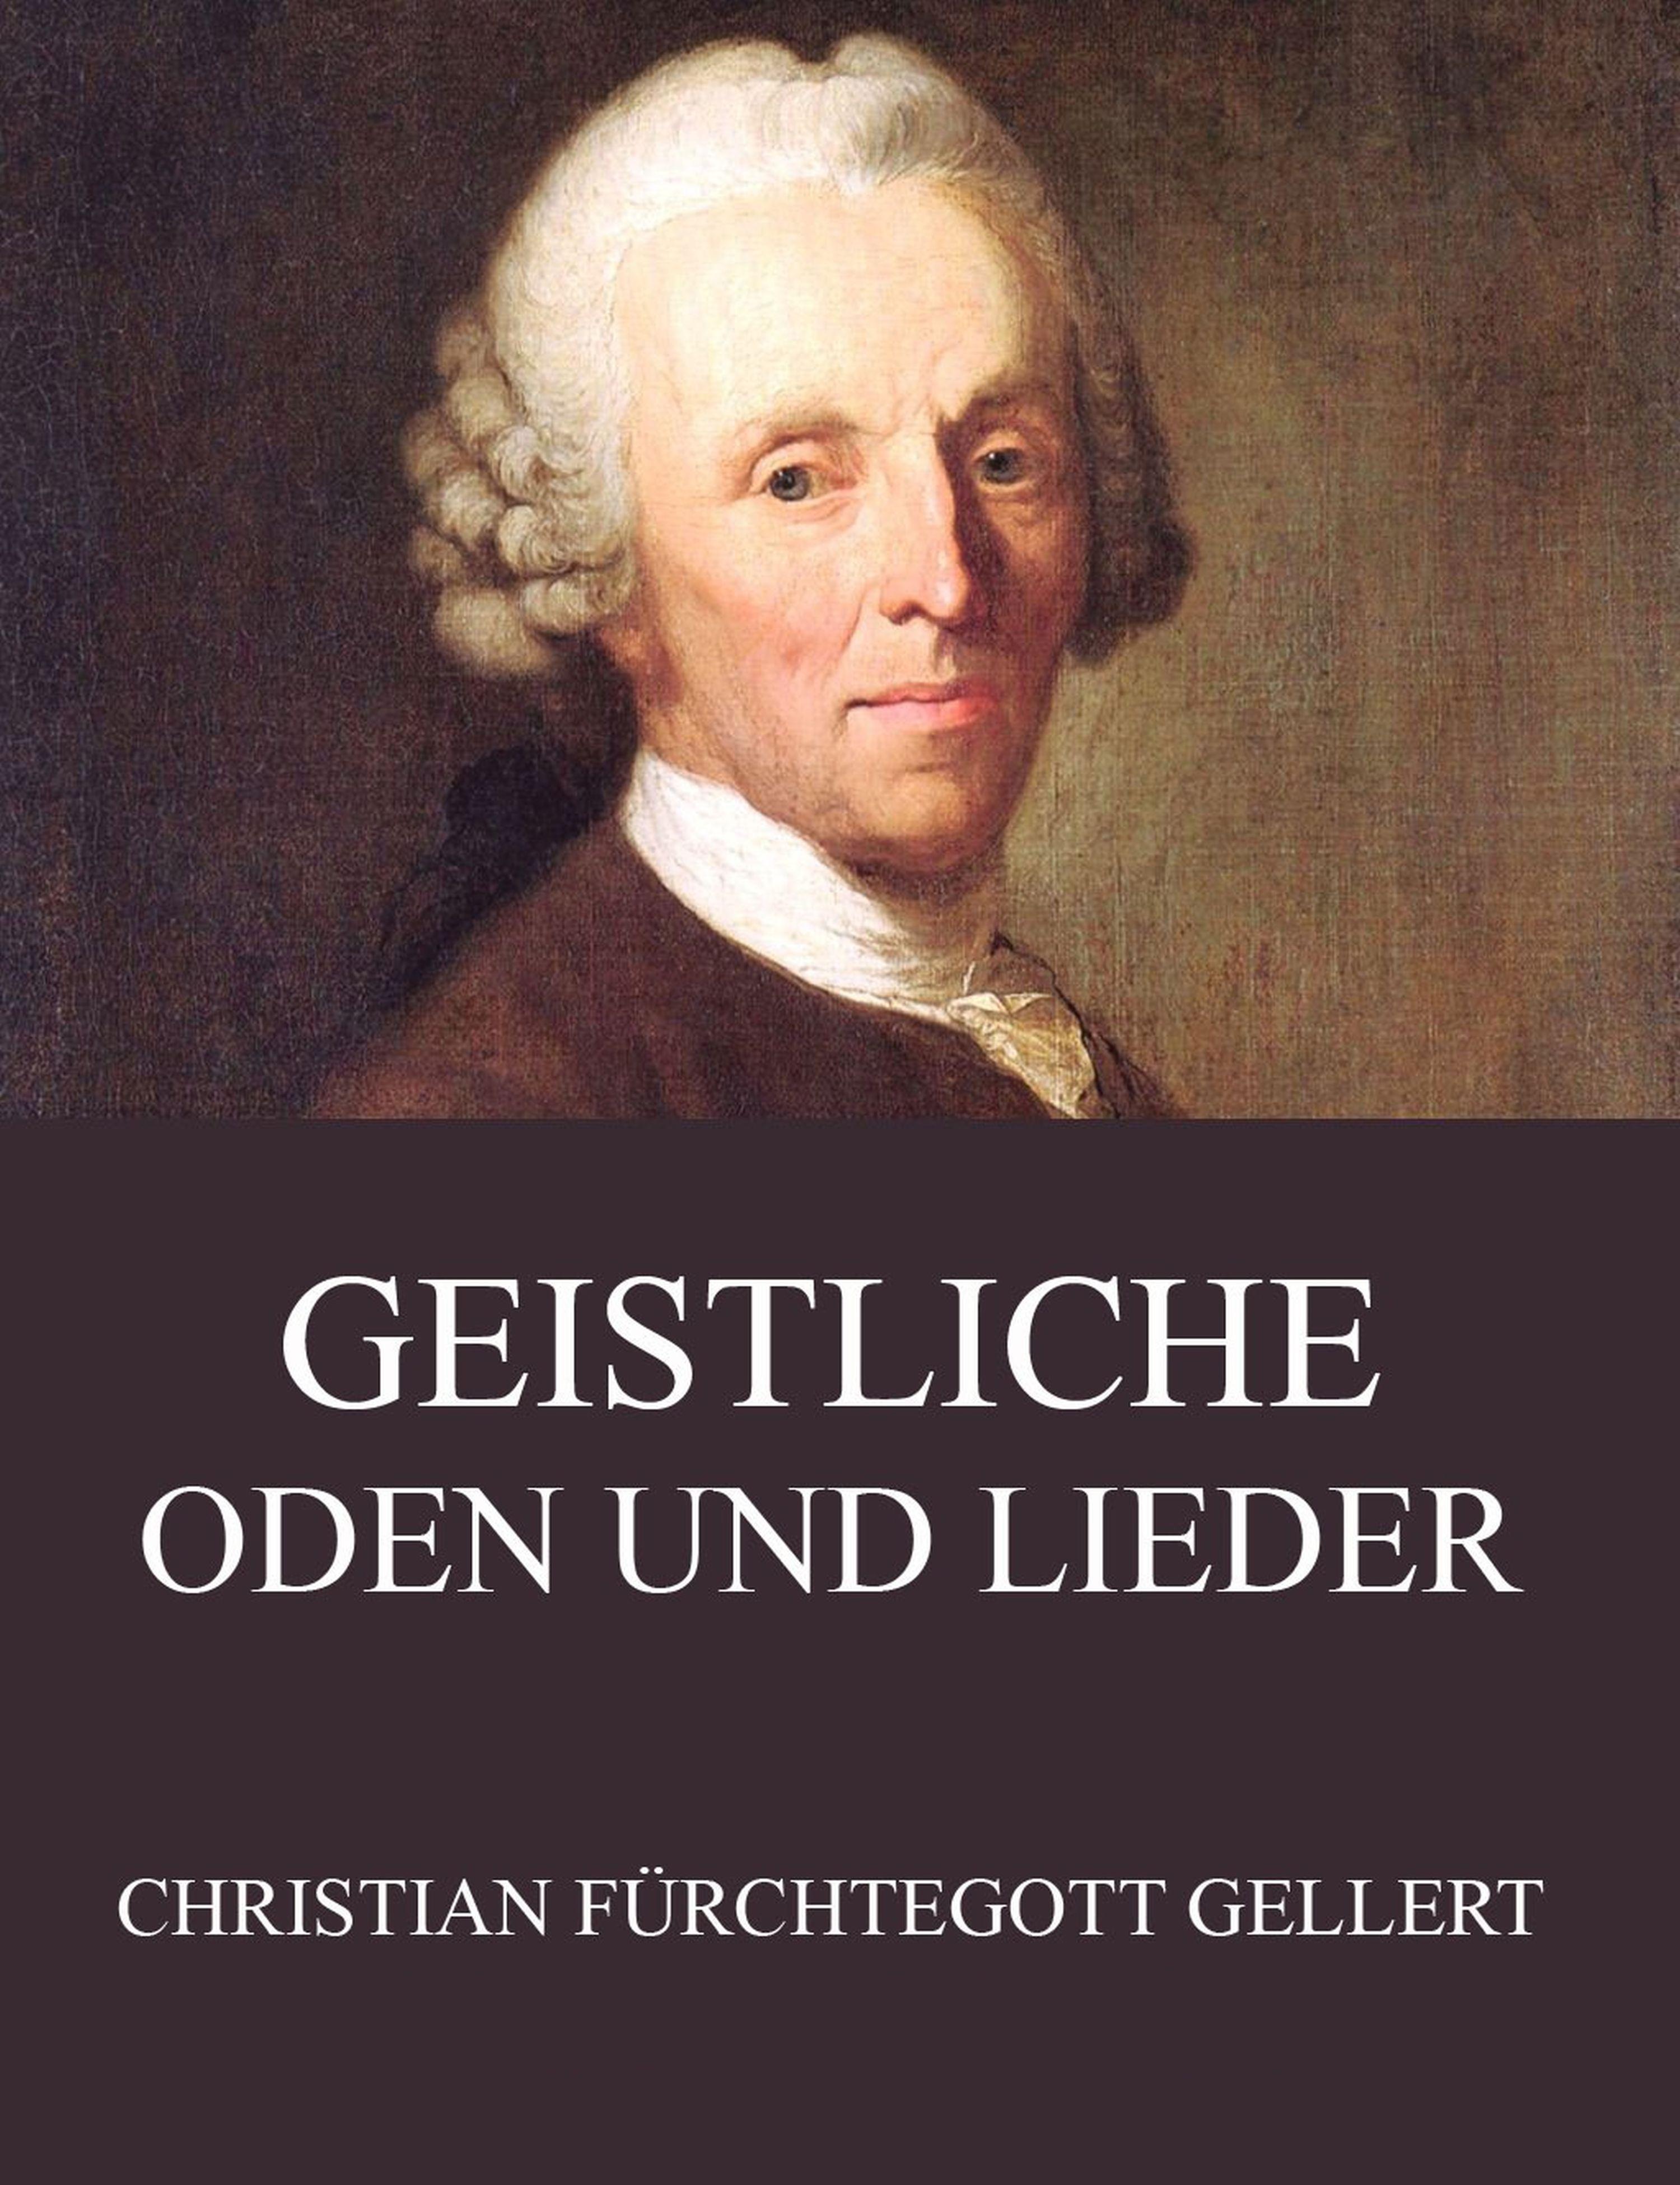 Christian Fürchtegott Gellert Geistliche Oden und Lieder johann roling geistliche lieder und oden